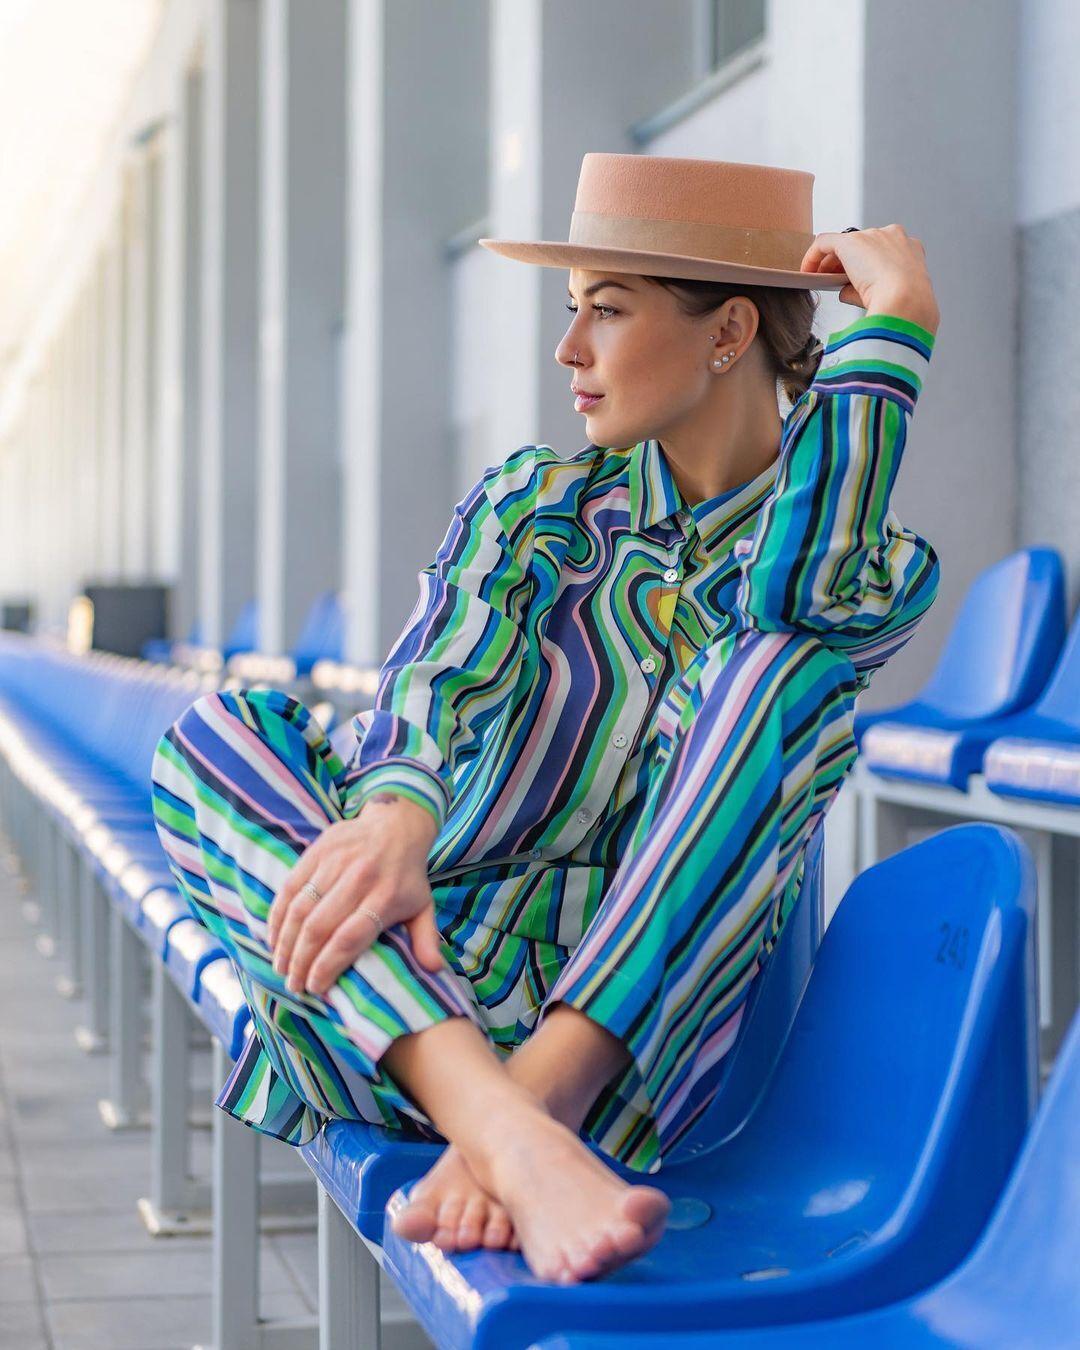 Топольская позирует в трендовом костюме в вертикальную разноцветную полоску